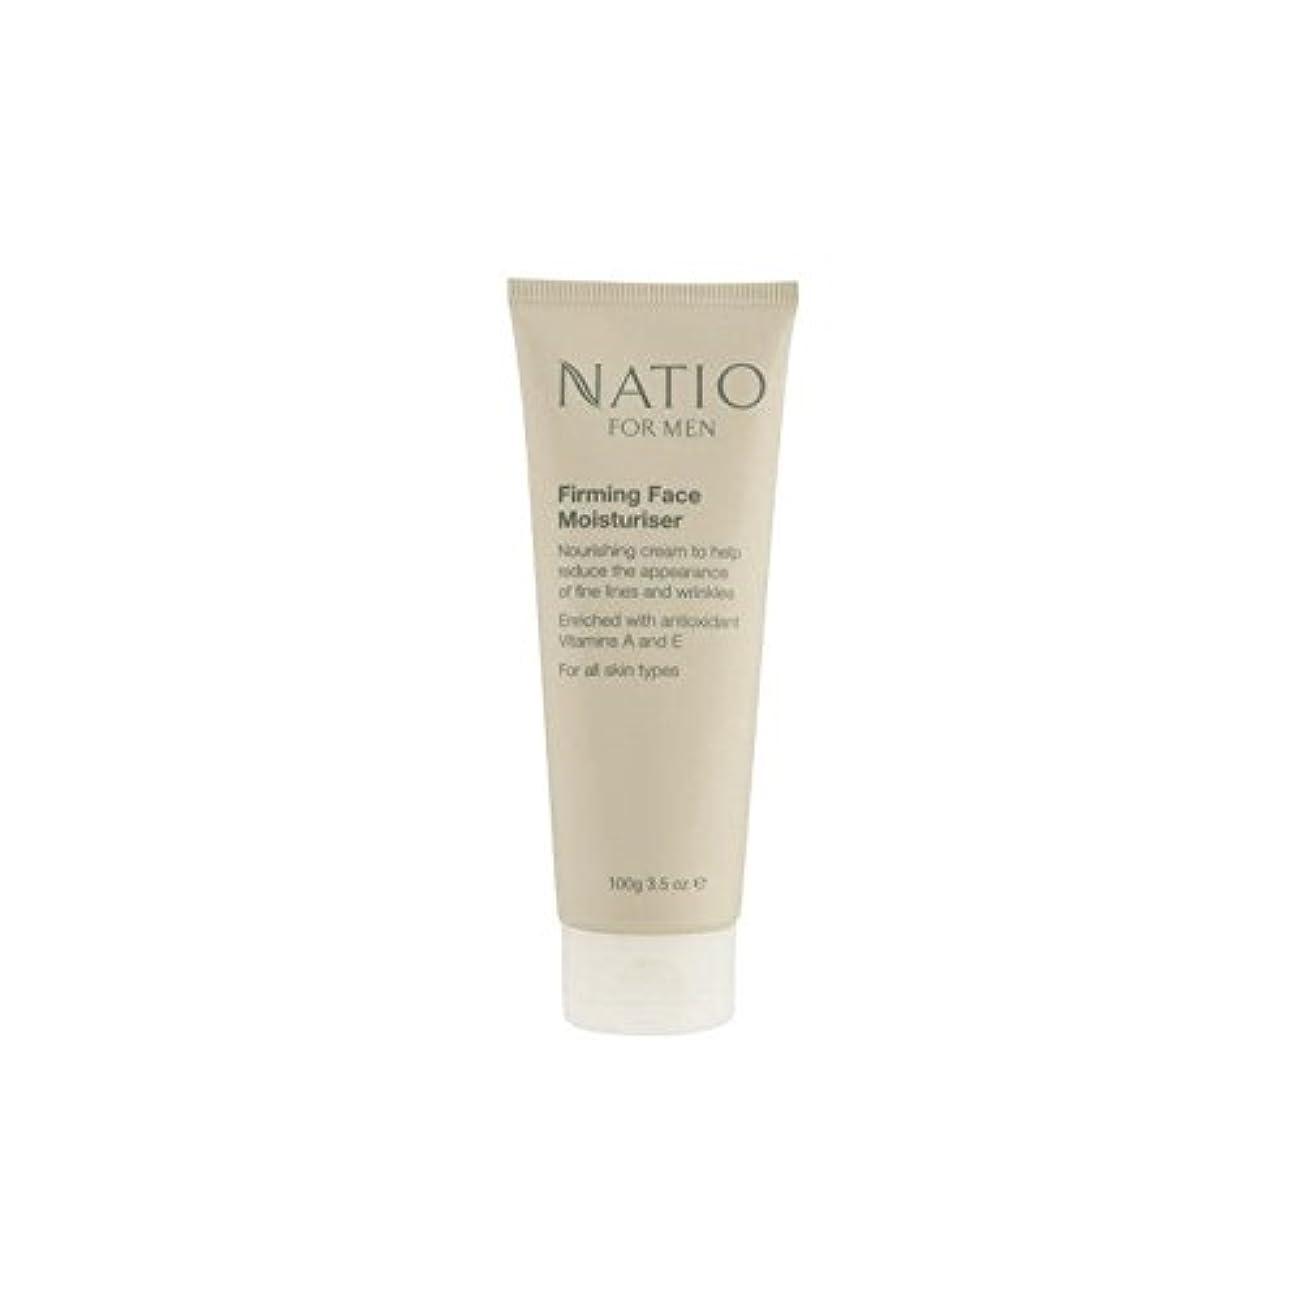 こだわり険しいとにかくNatio For Men Firming Face Moisturiser (100G) - 顔の保湿剤を引き締め男性のための(100グラム) [並行輸入品]